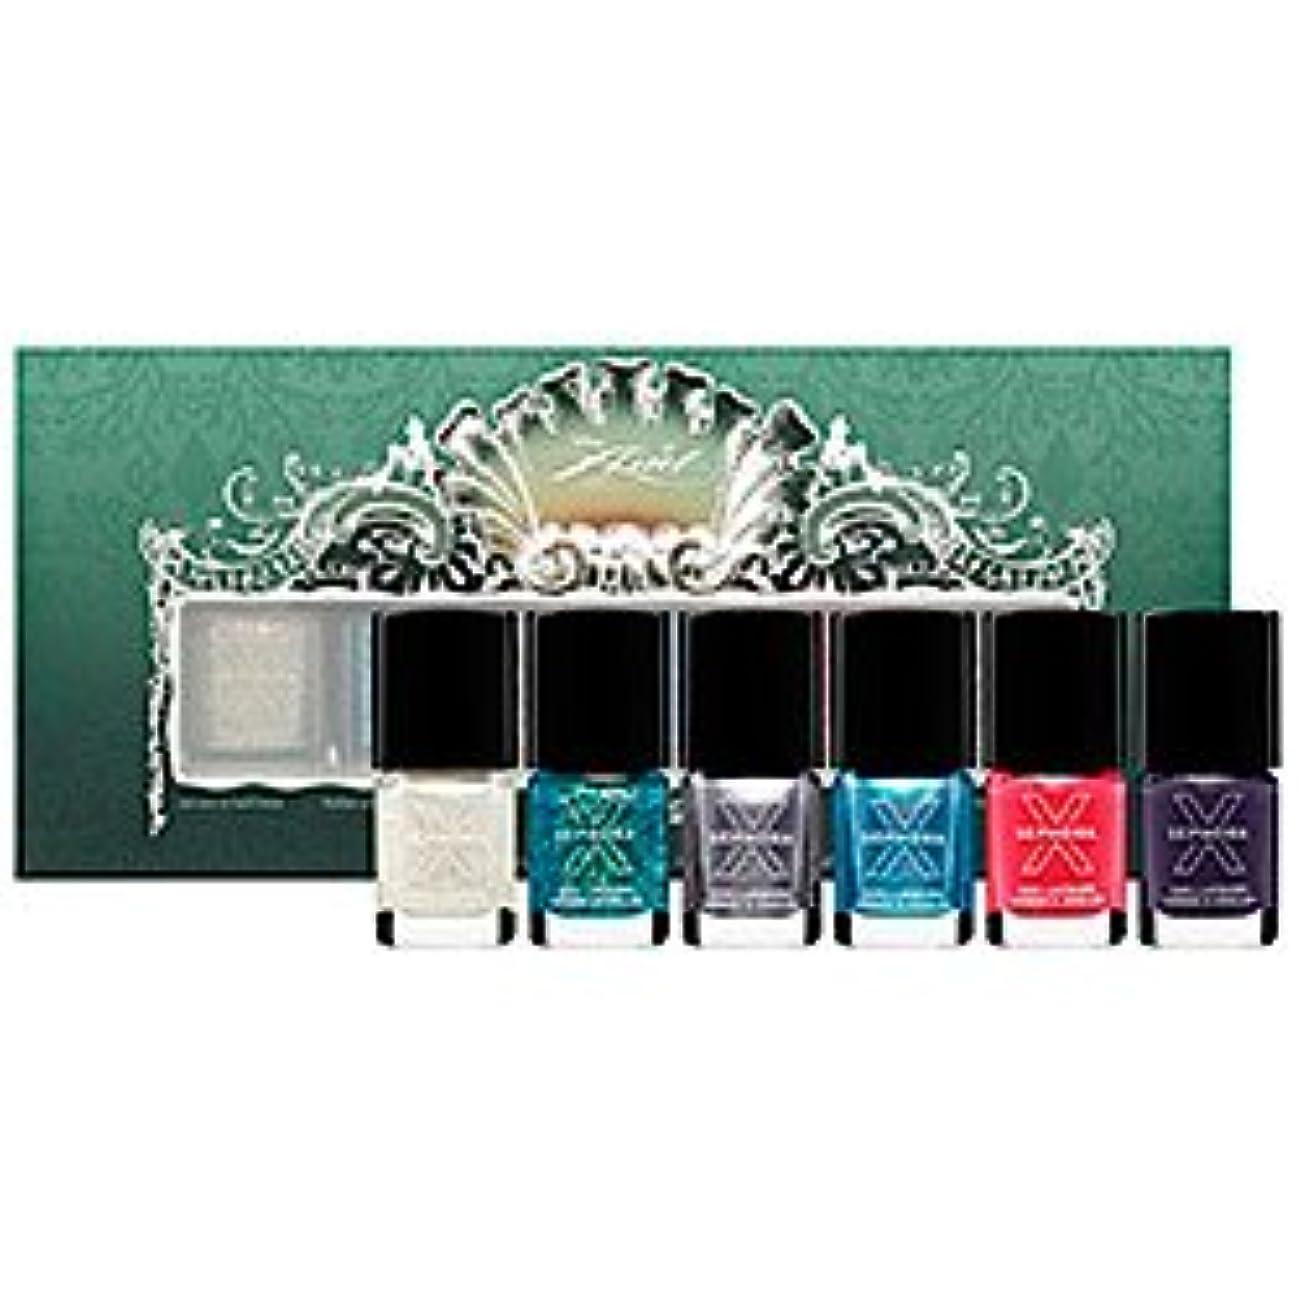 階段品種先にDisney Sephora Ariel Whatcha-Nail-Callit 6 Piece Nail Set (ディズニー セフォラ アリエル ネイル カラー 6点セット)